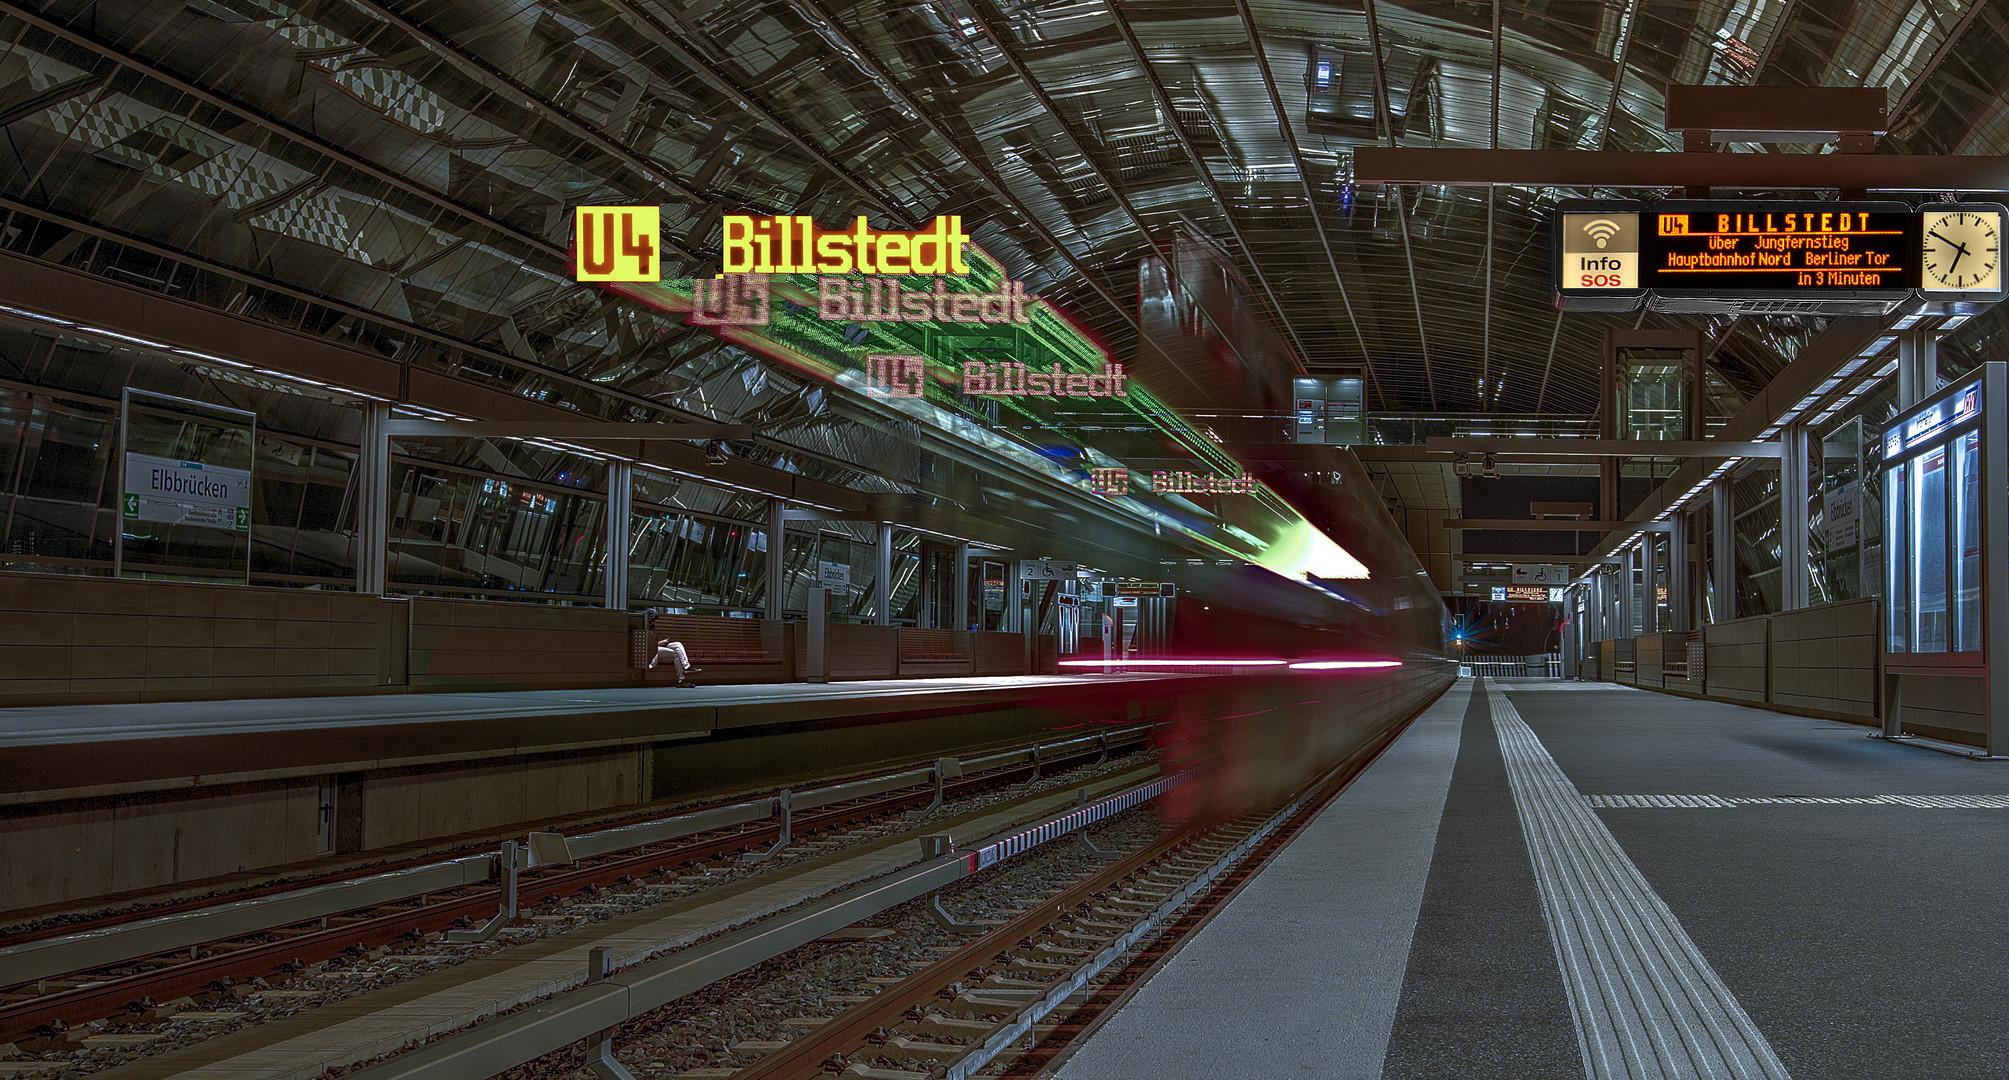 Abfahrt U 4 Billstedt